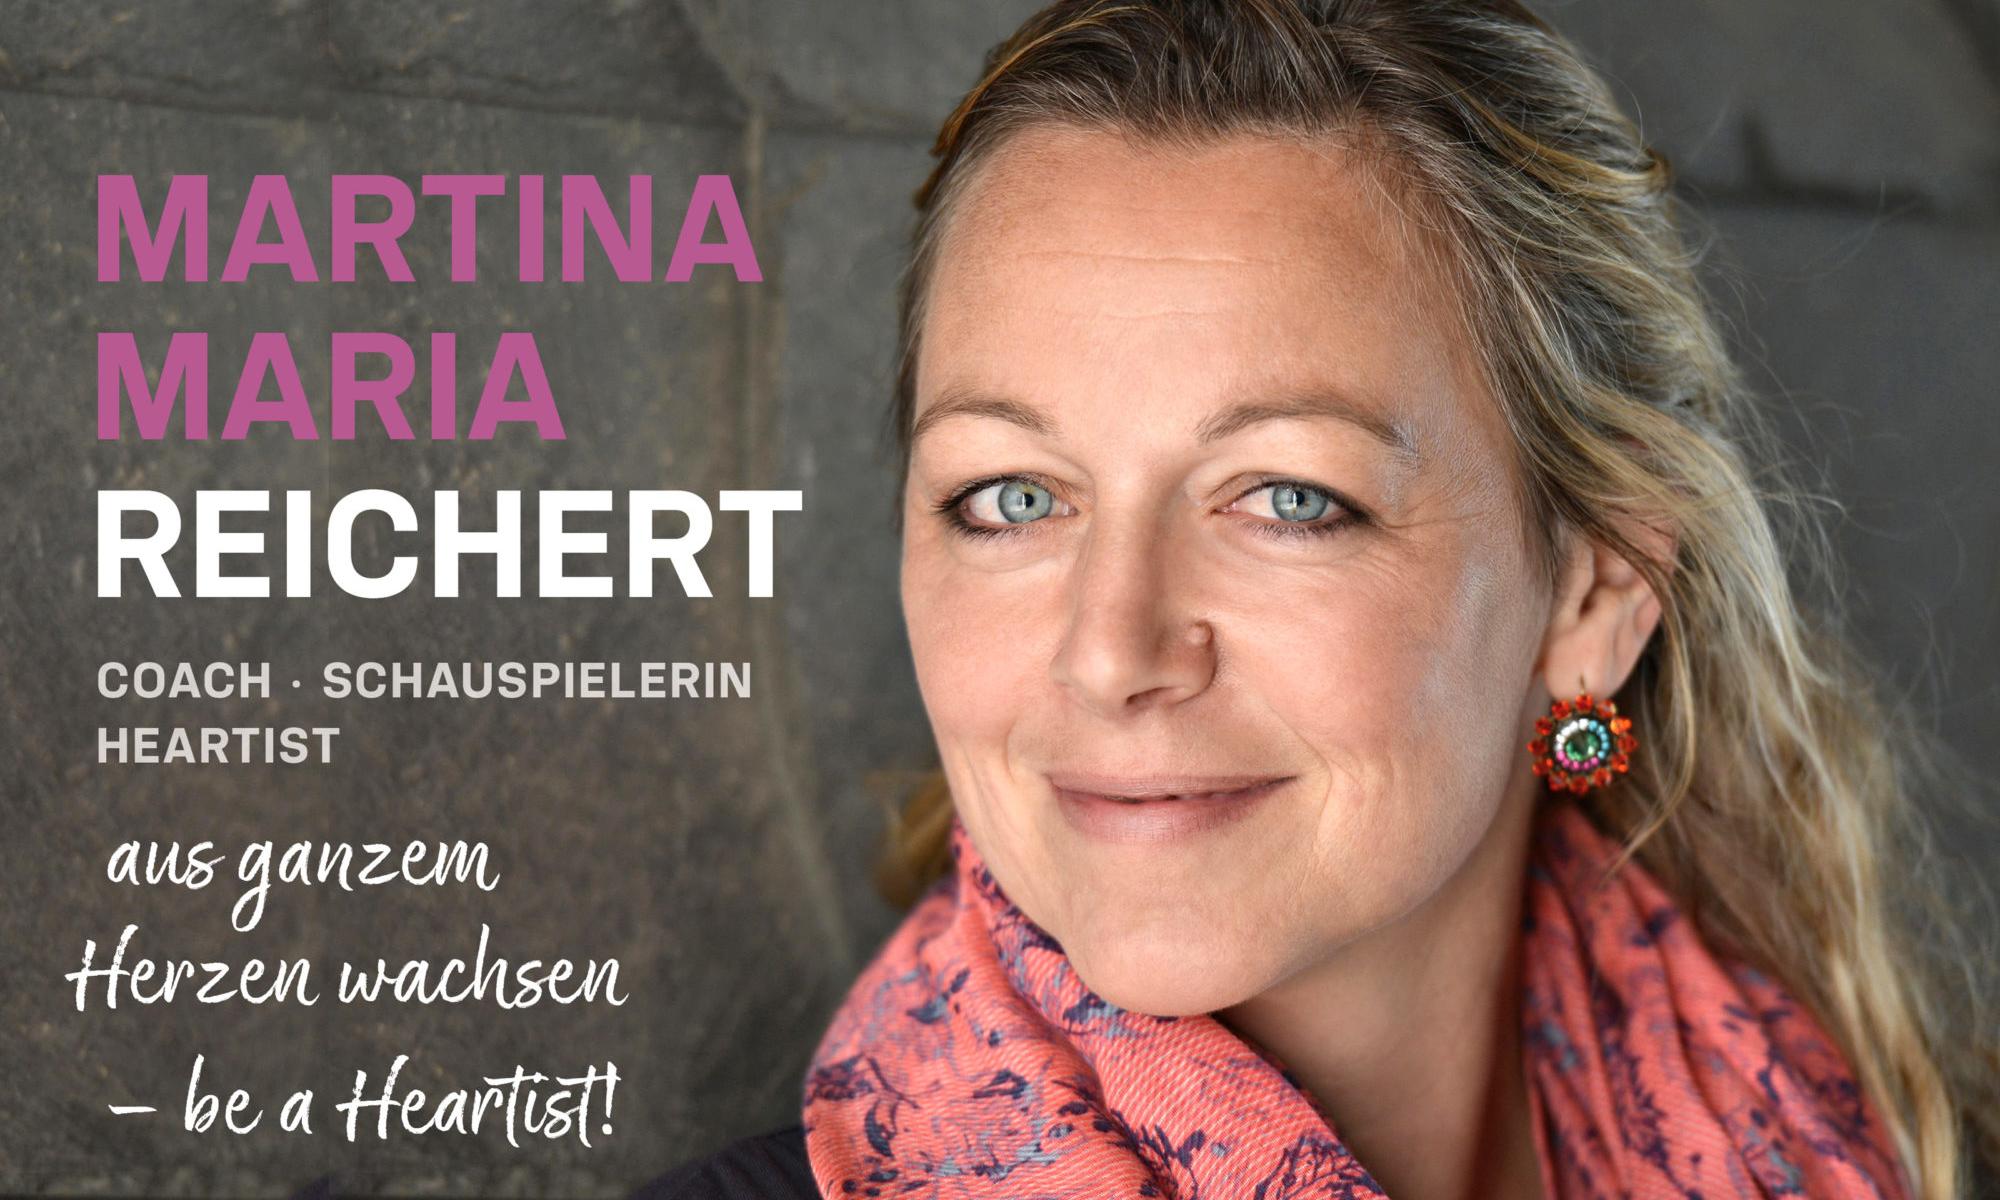 Martina Maria Reichert: Coach, Künstlerin, Friedensaktivistin  - – Startseite –